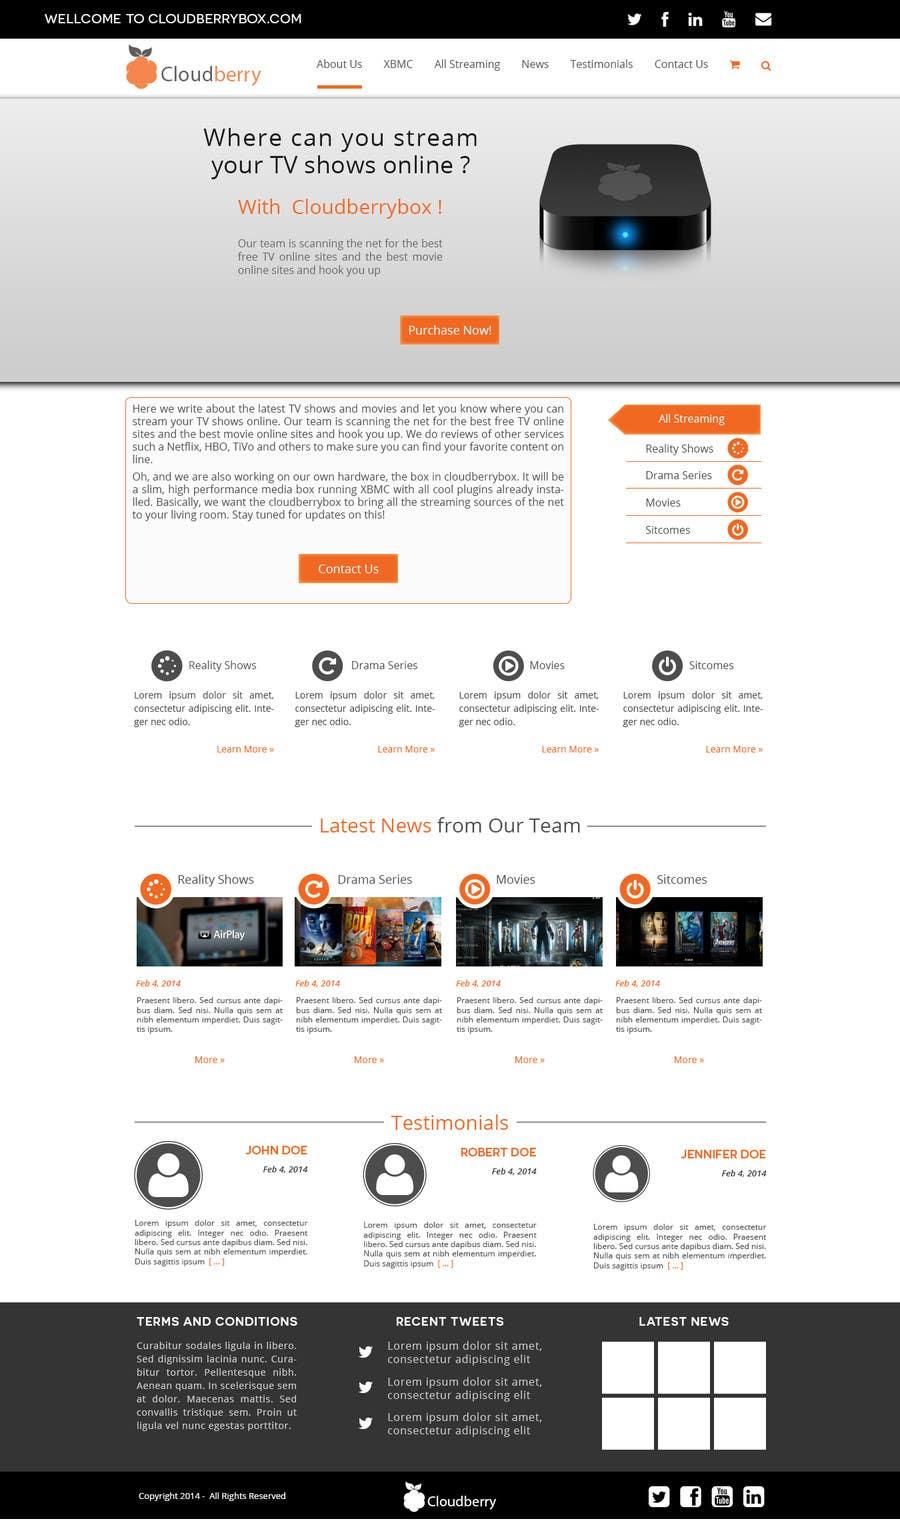 Inscrição nº 21 do Concurso para Design a Website Mockup for Cloudberry mediabox